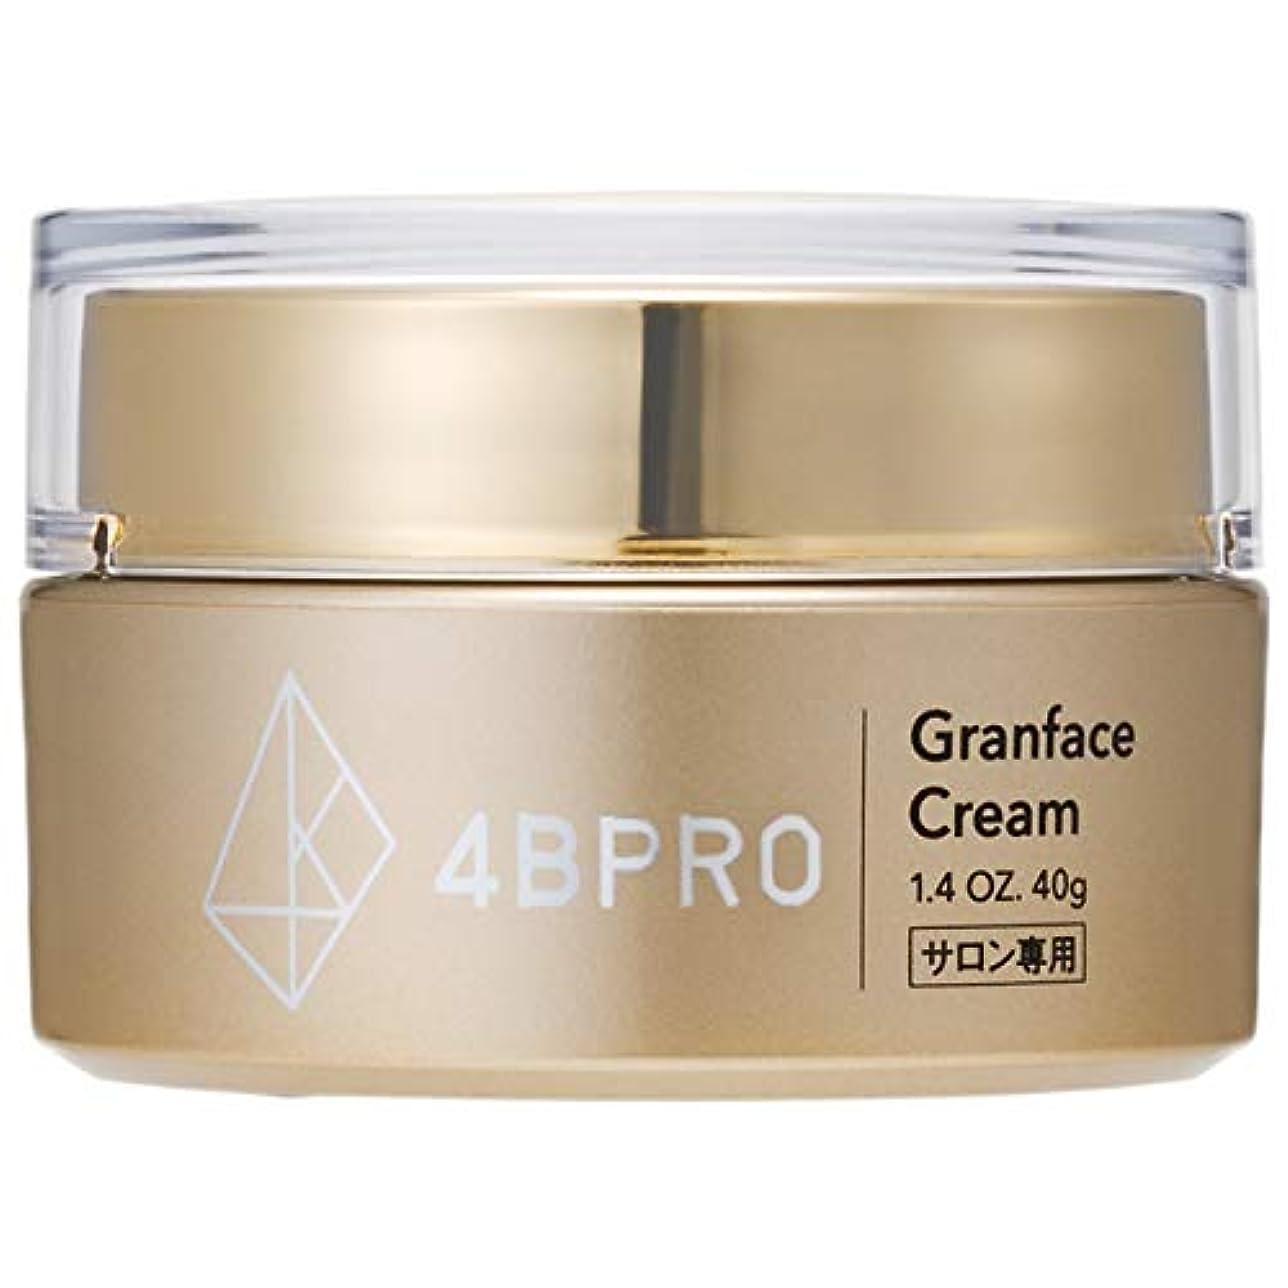 認めるペダルチーター4BPRO GranFace Cream(フォービープロ グランフェイスクリーム)フェイスクリーム 高浸透型ヒアルロン酸、抗炎症、抗酸化、美白美容成分配合 40g